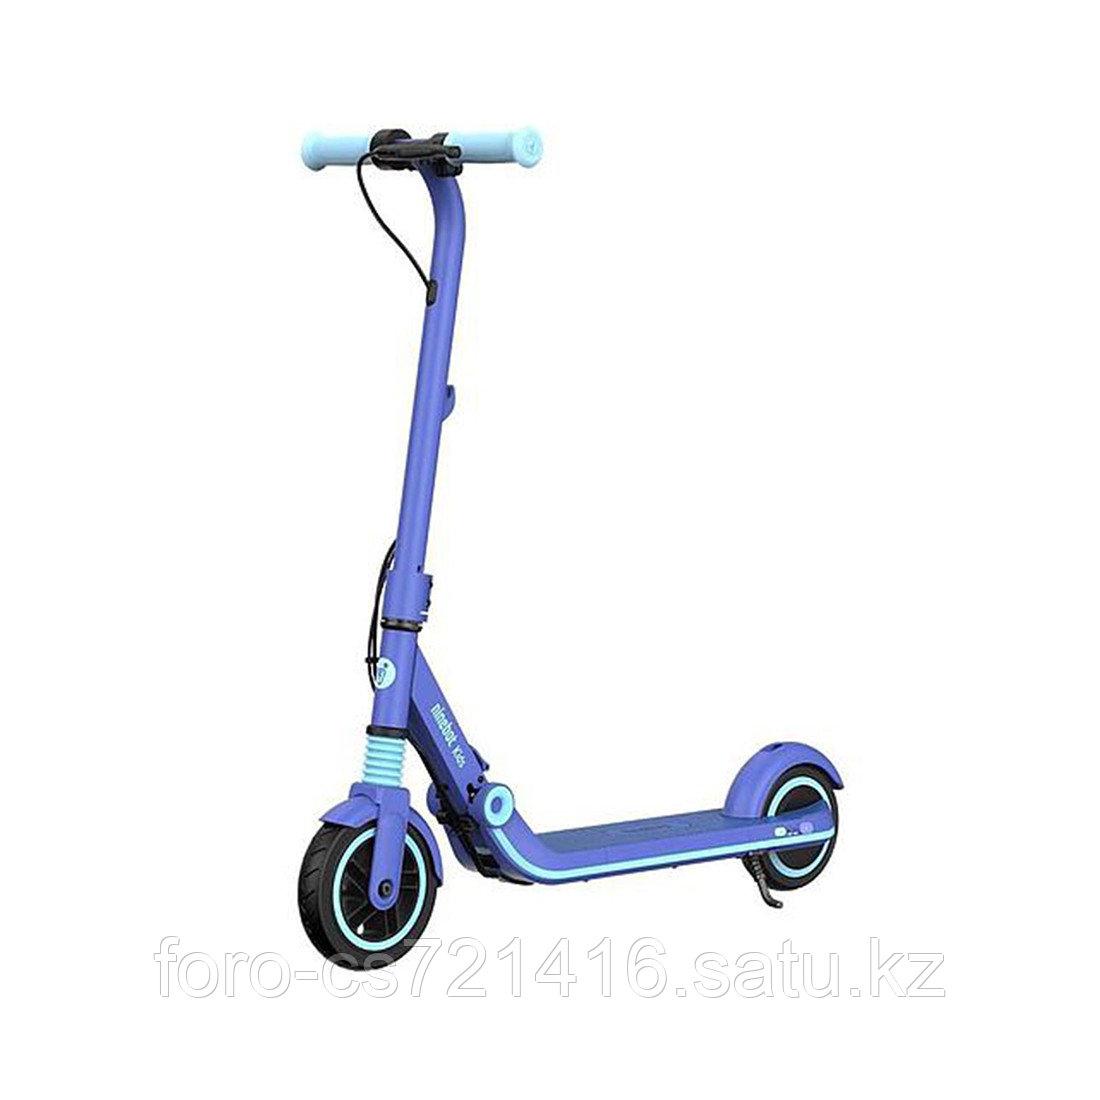 Электросамокат детский Ninebot KickScooter E8 Синий - фото 1